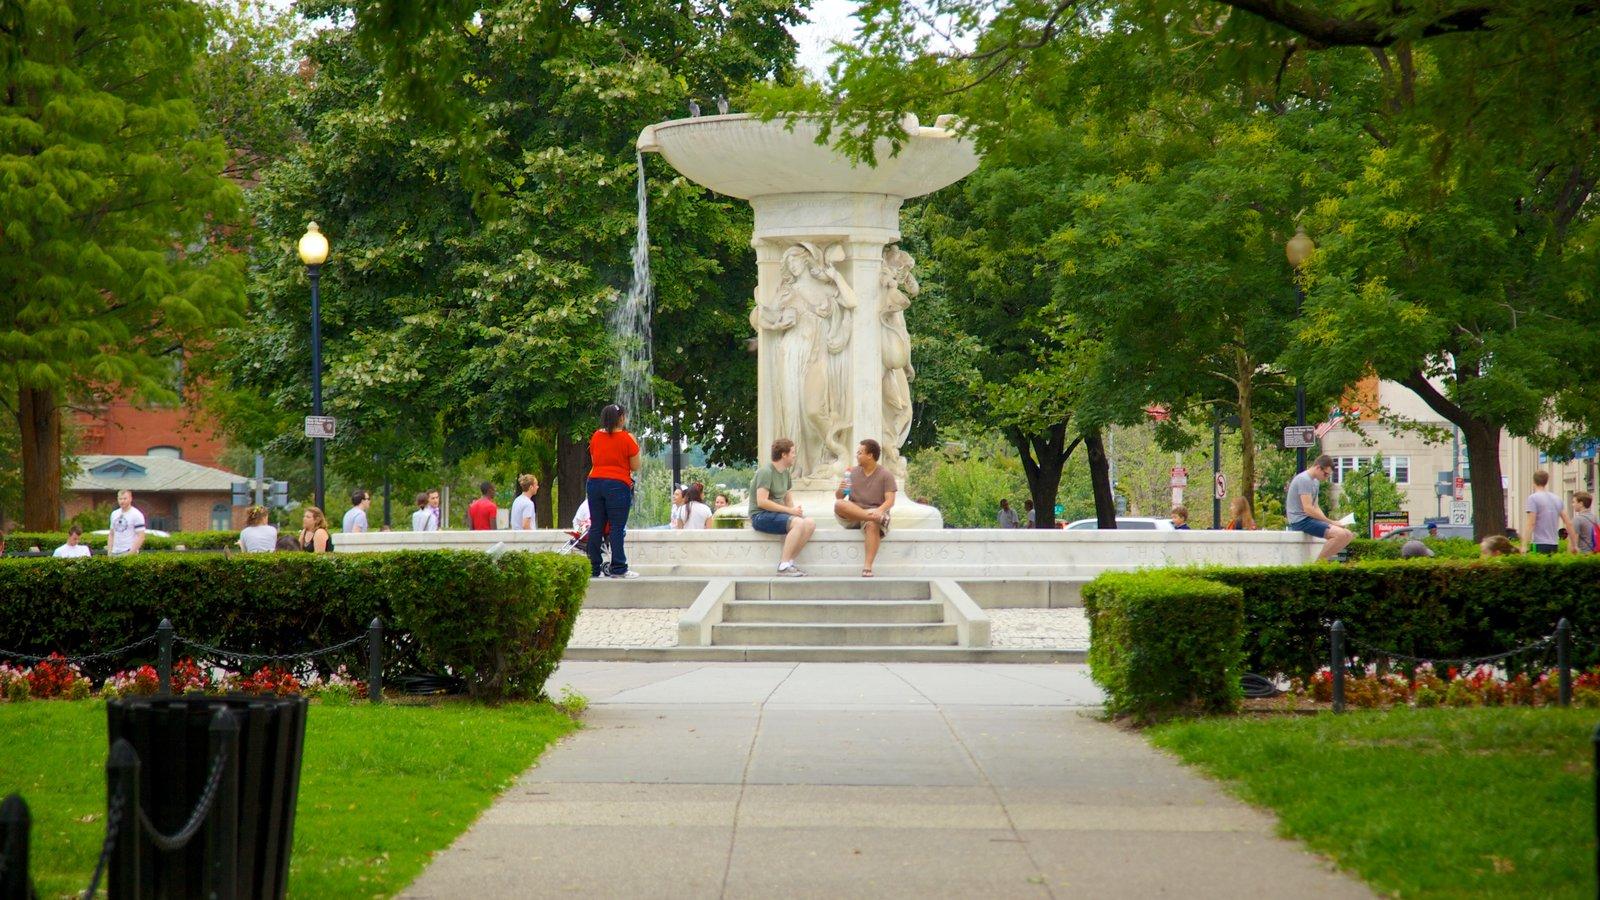 Dupont Circle caracterizando um parque, arte ao ar livre e uma fonte